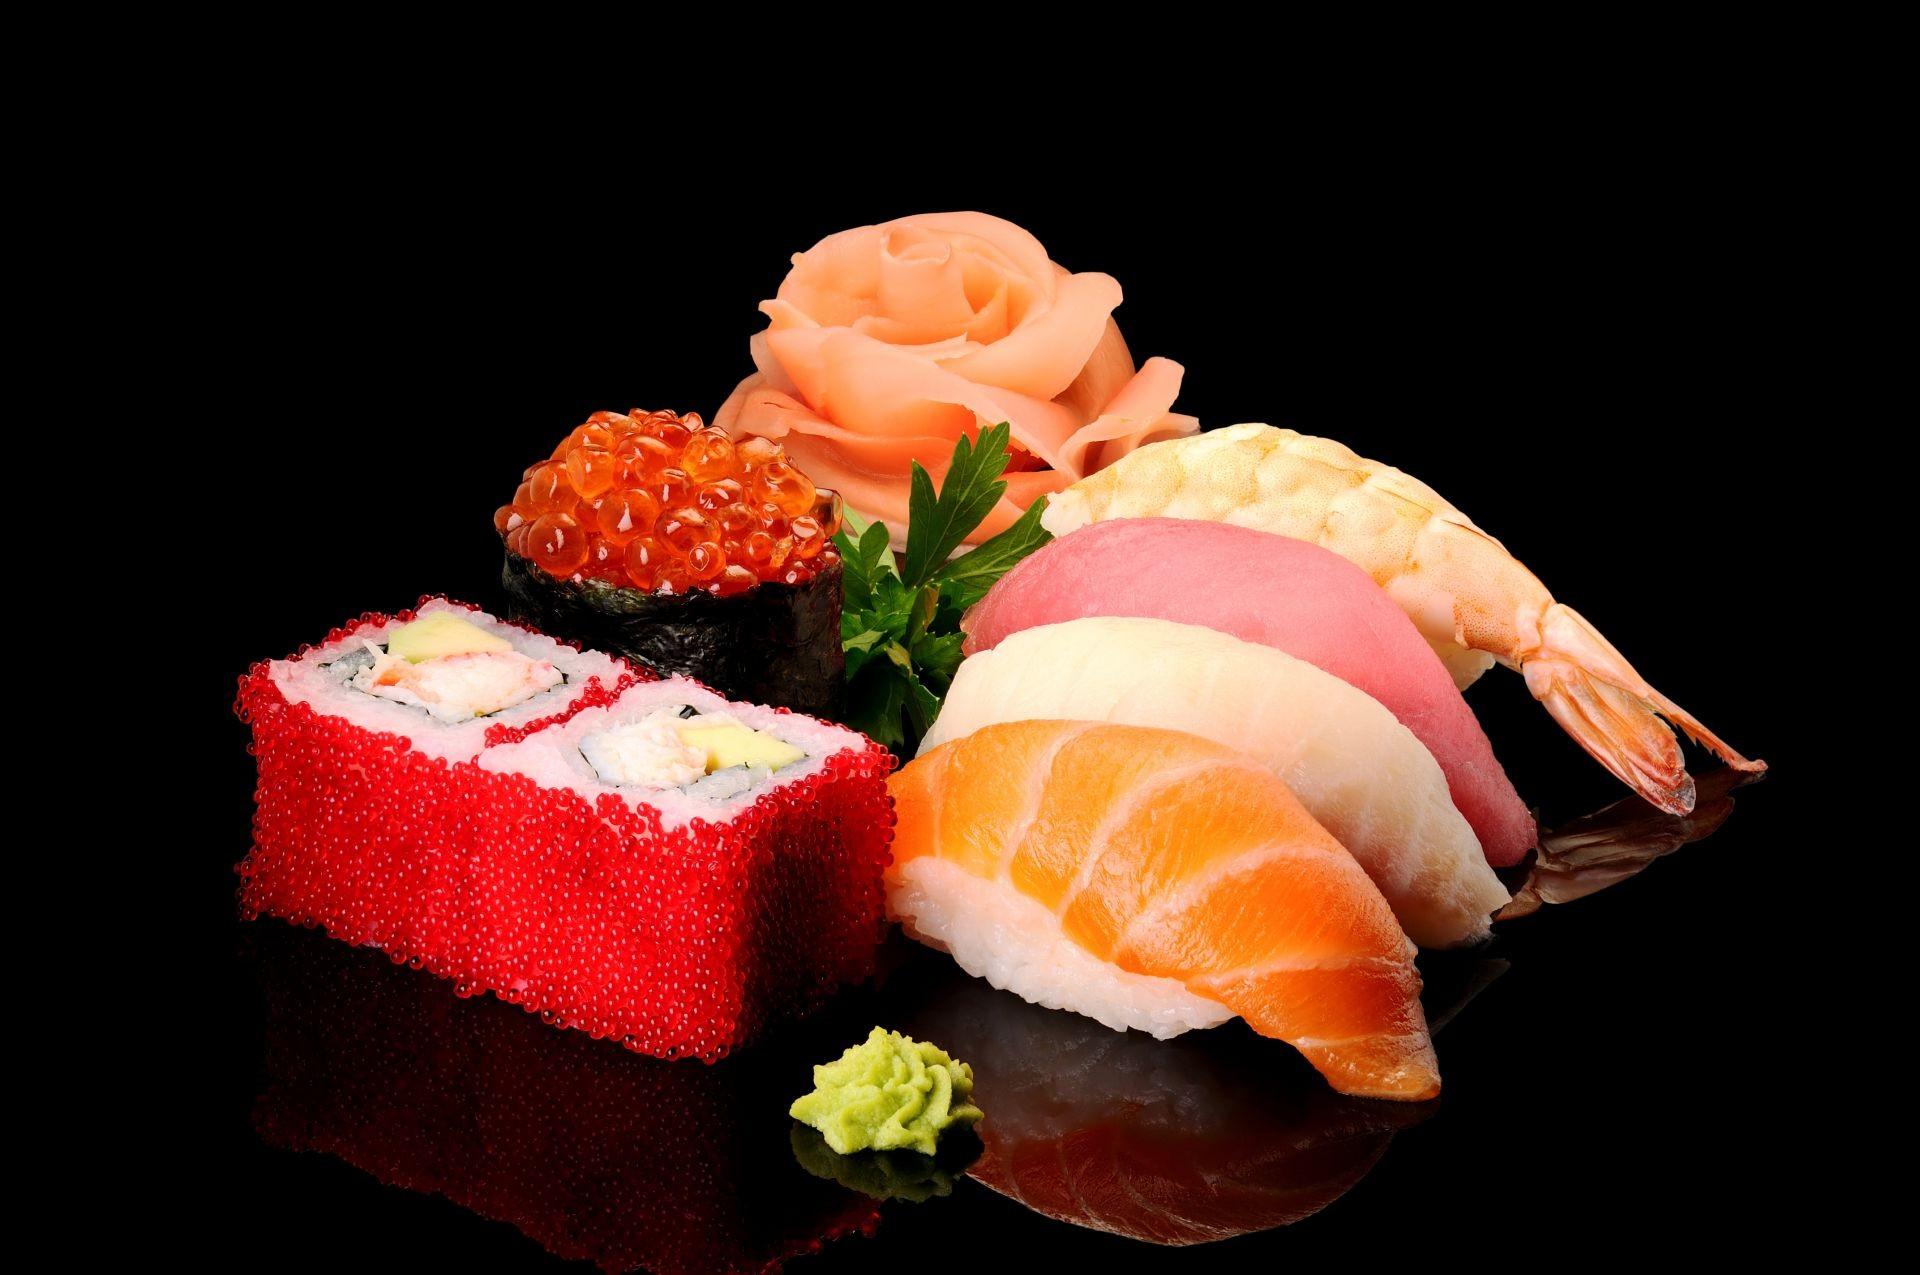 Суши вкусно - обои на телефон бесплатно.